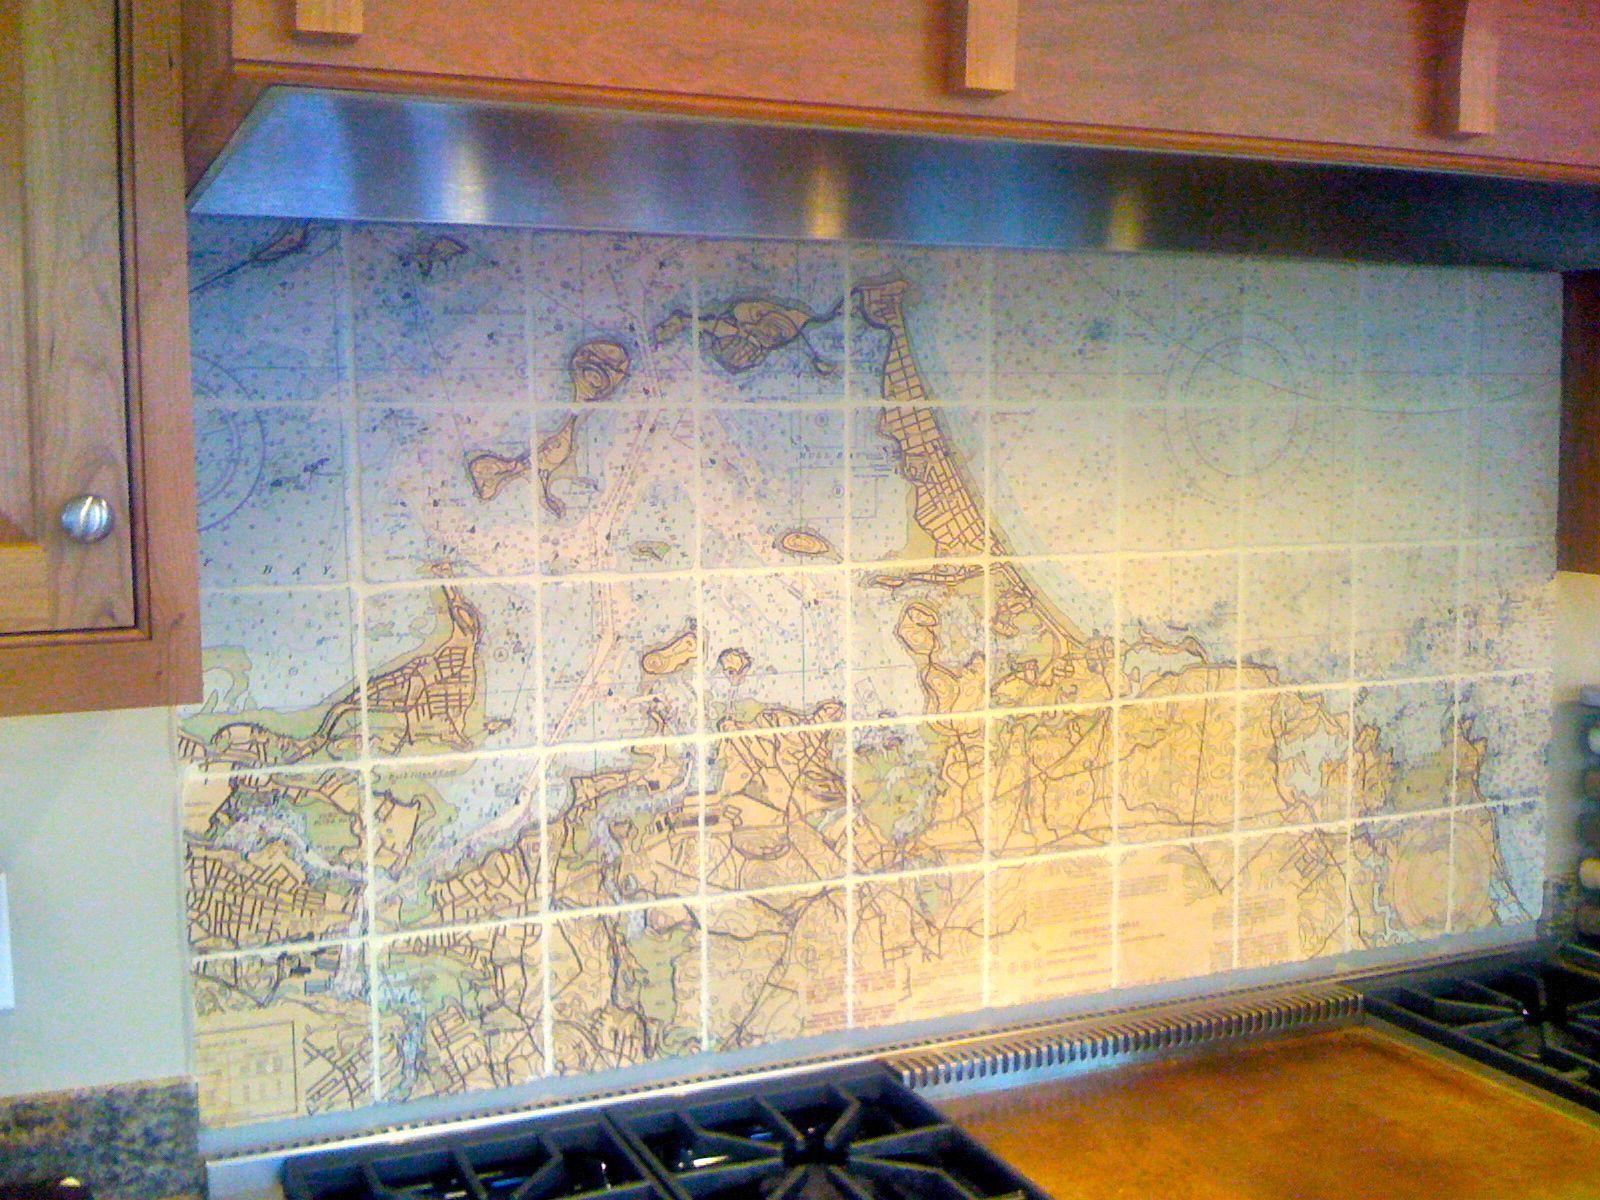 Map backsplash! IMG_2356 | Floors, finishes, furnishings | Pinterest ...